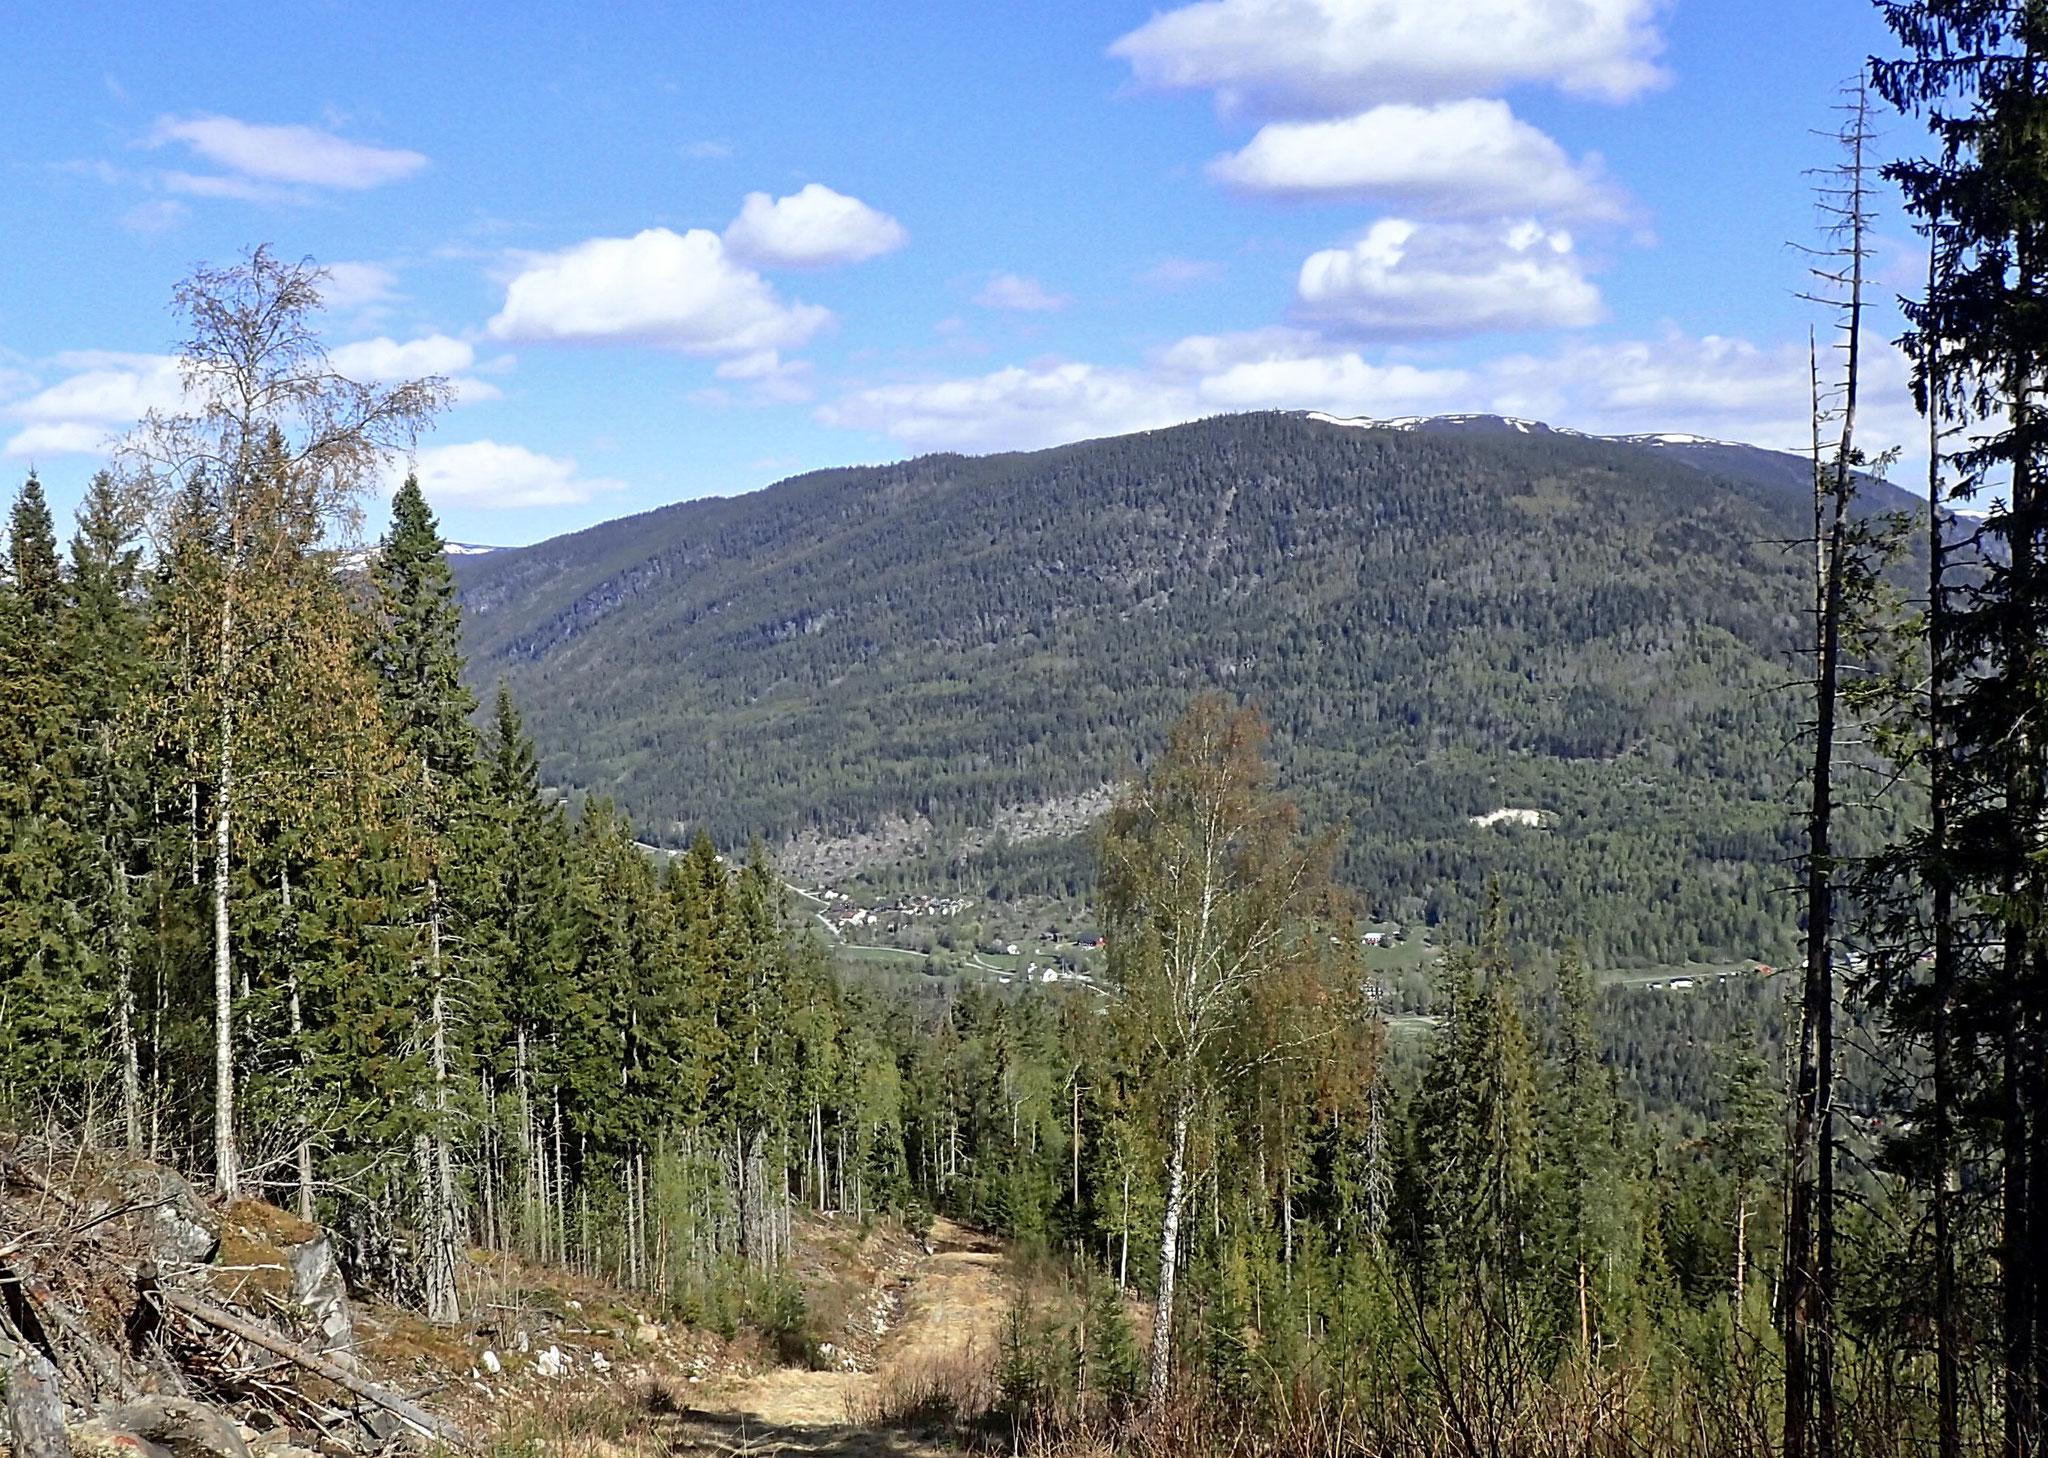 view back to Atrå church